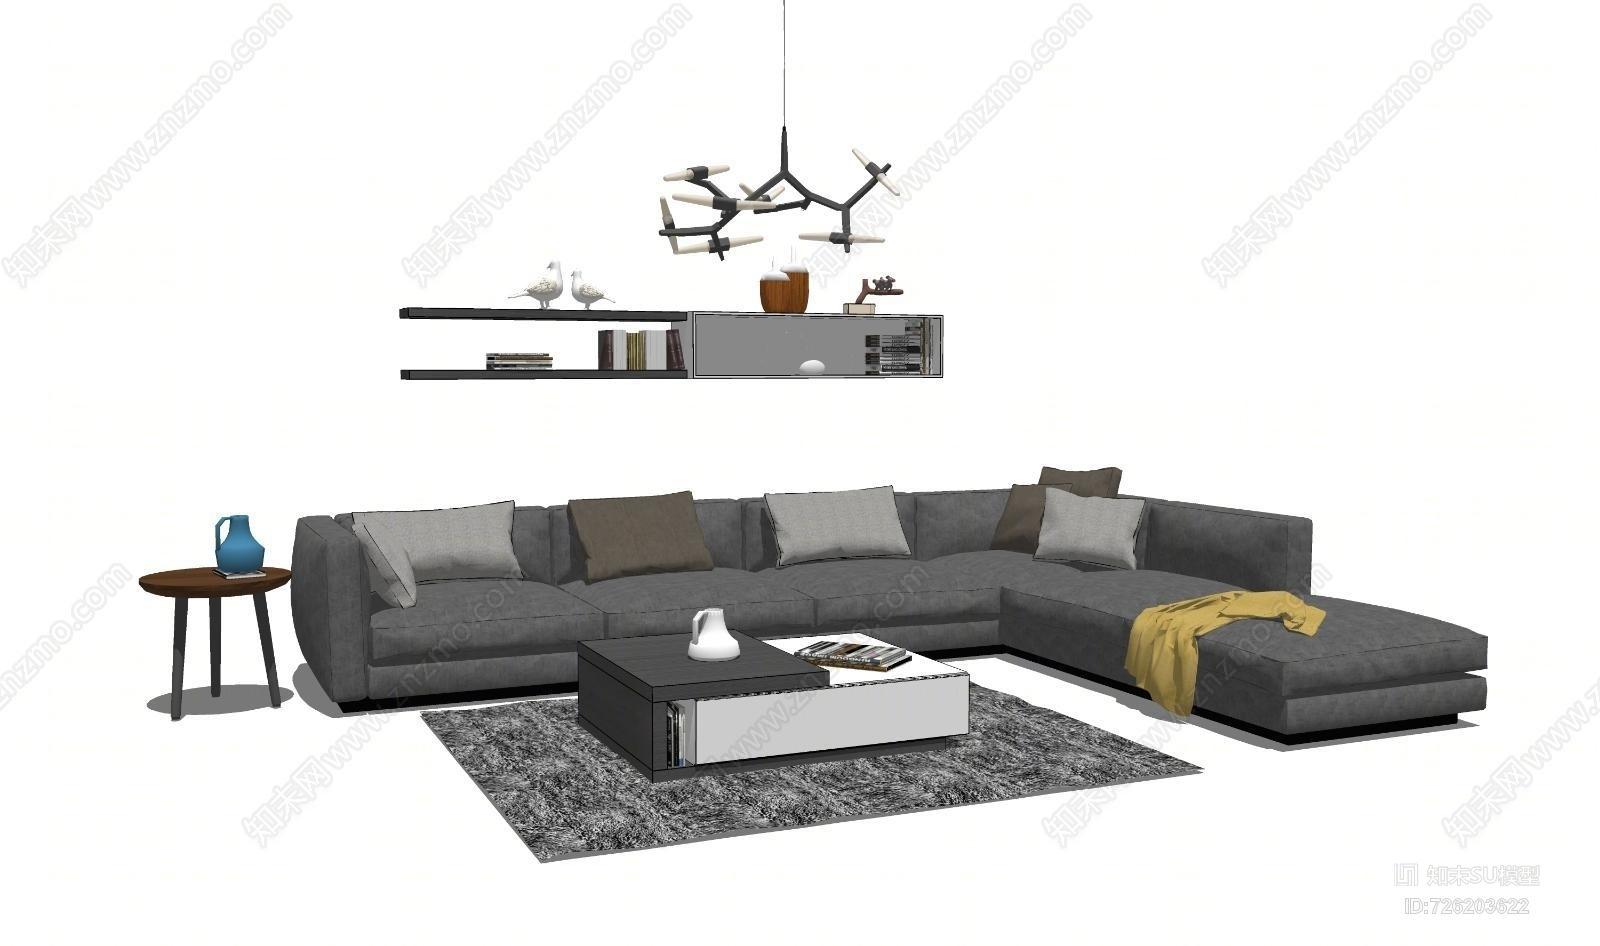 客厅沙发茶几组合20沙发 机械 家具 收割机 工地